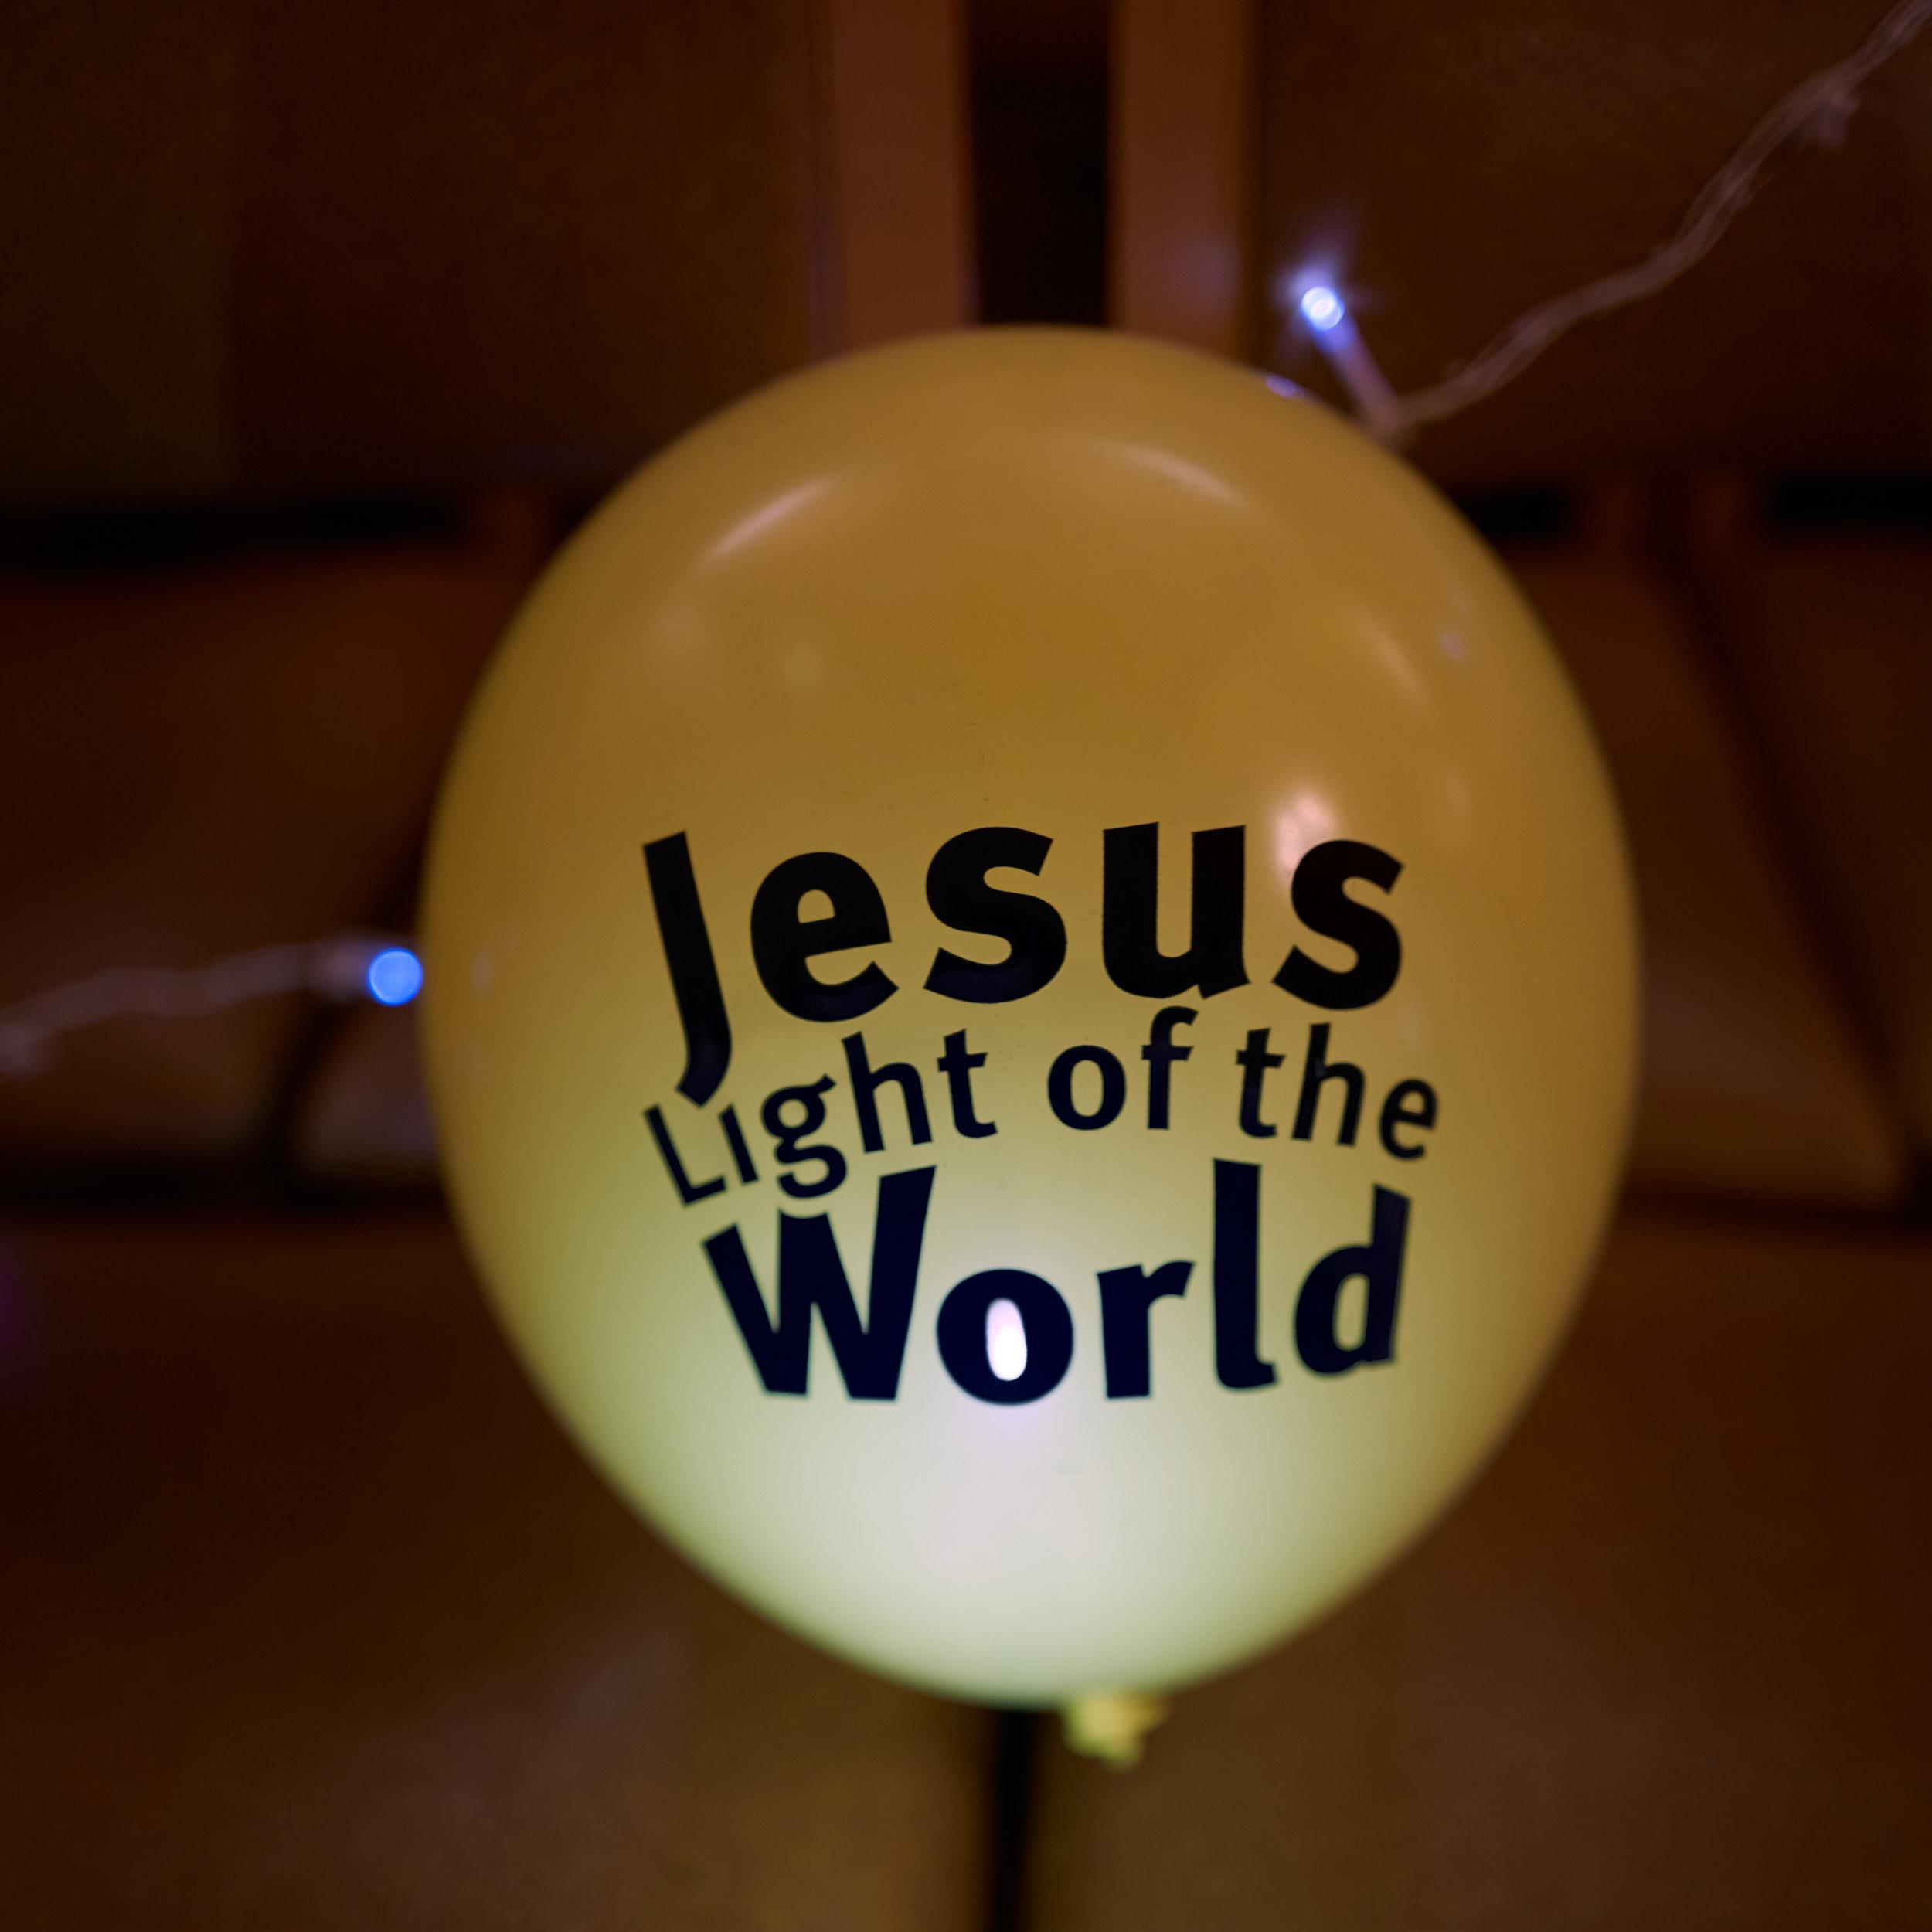 16. 'Jesus light of the world' balloon.jpg